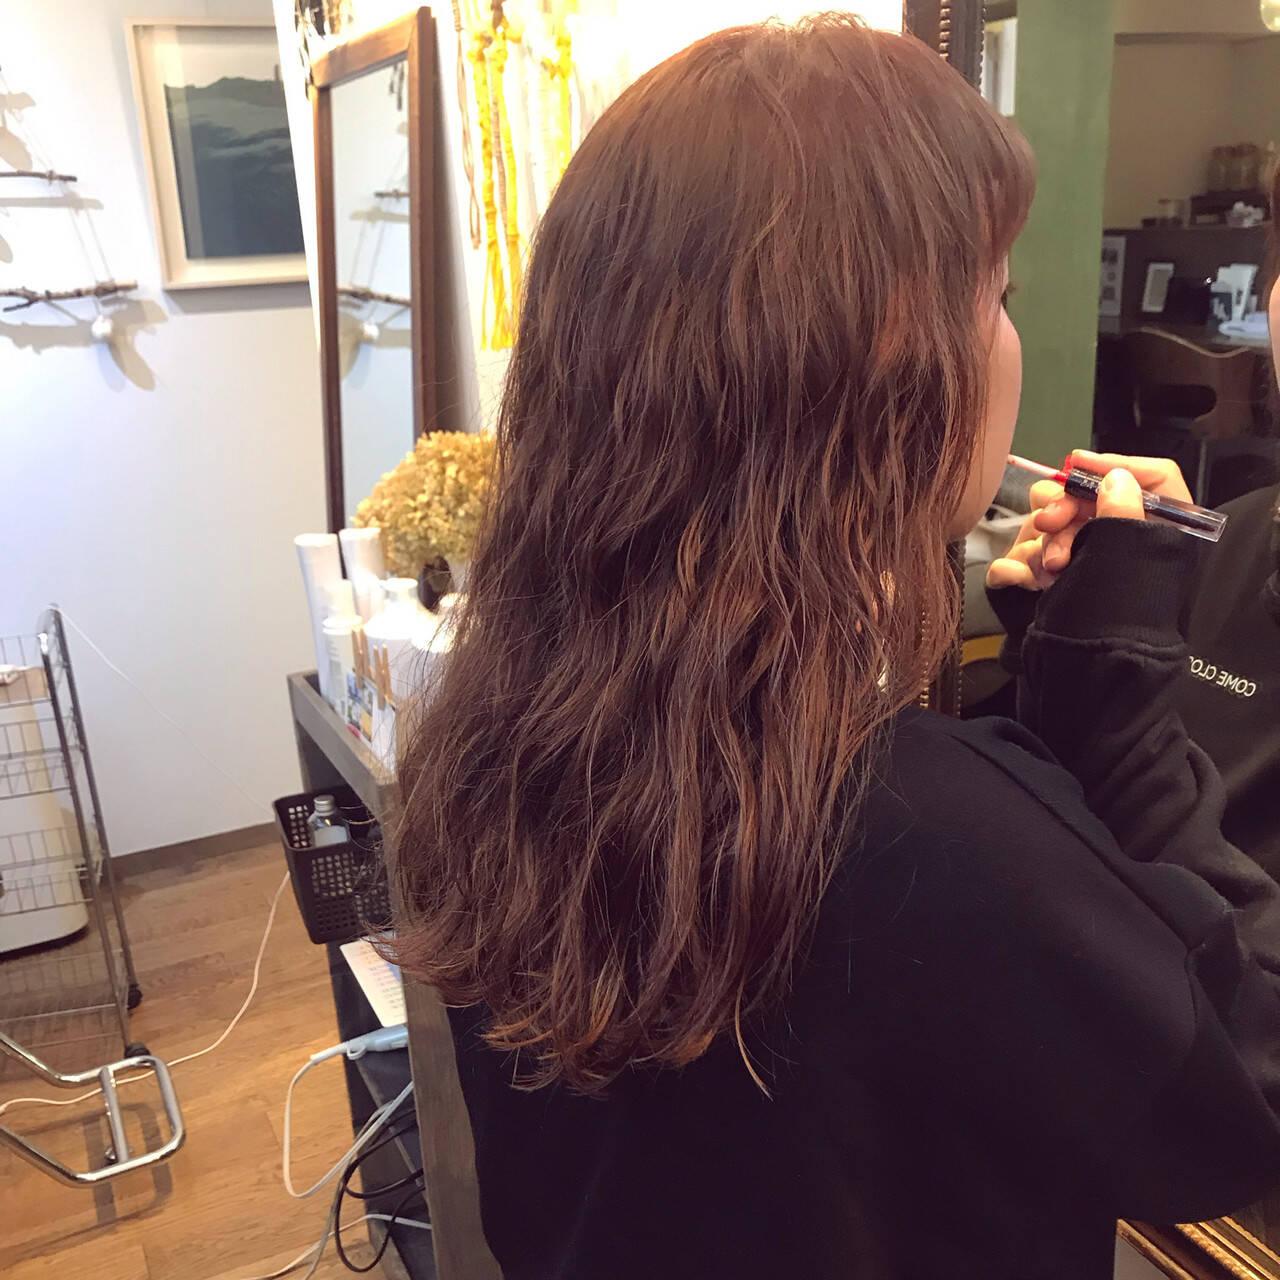 ナチュラル ロング ピンク サーモンピンクヘアスタイルや髪型の写真・画像